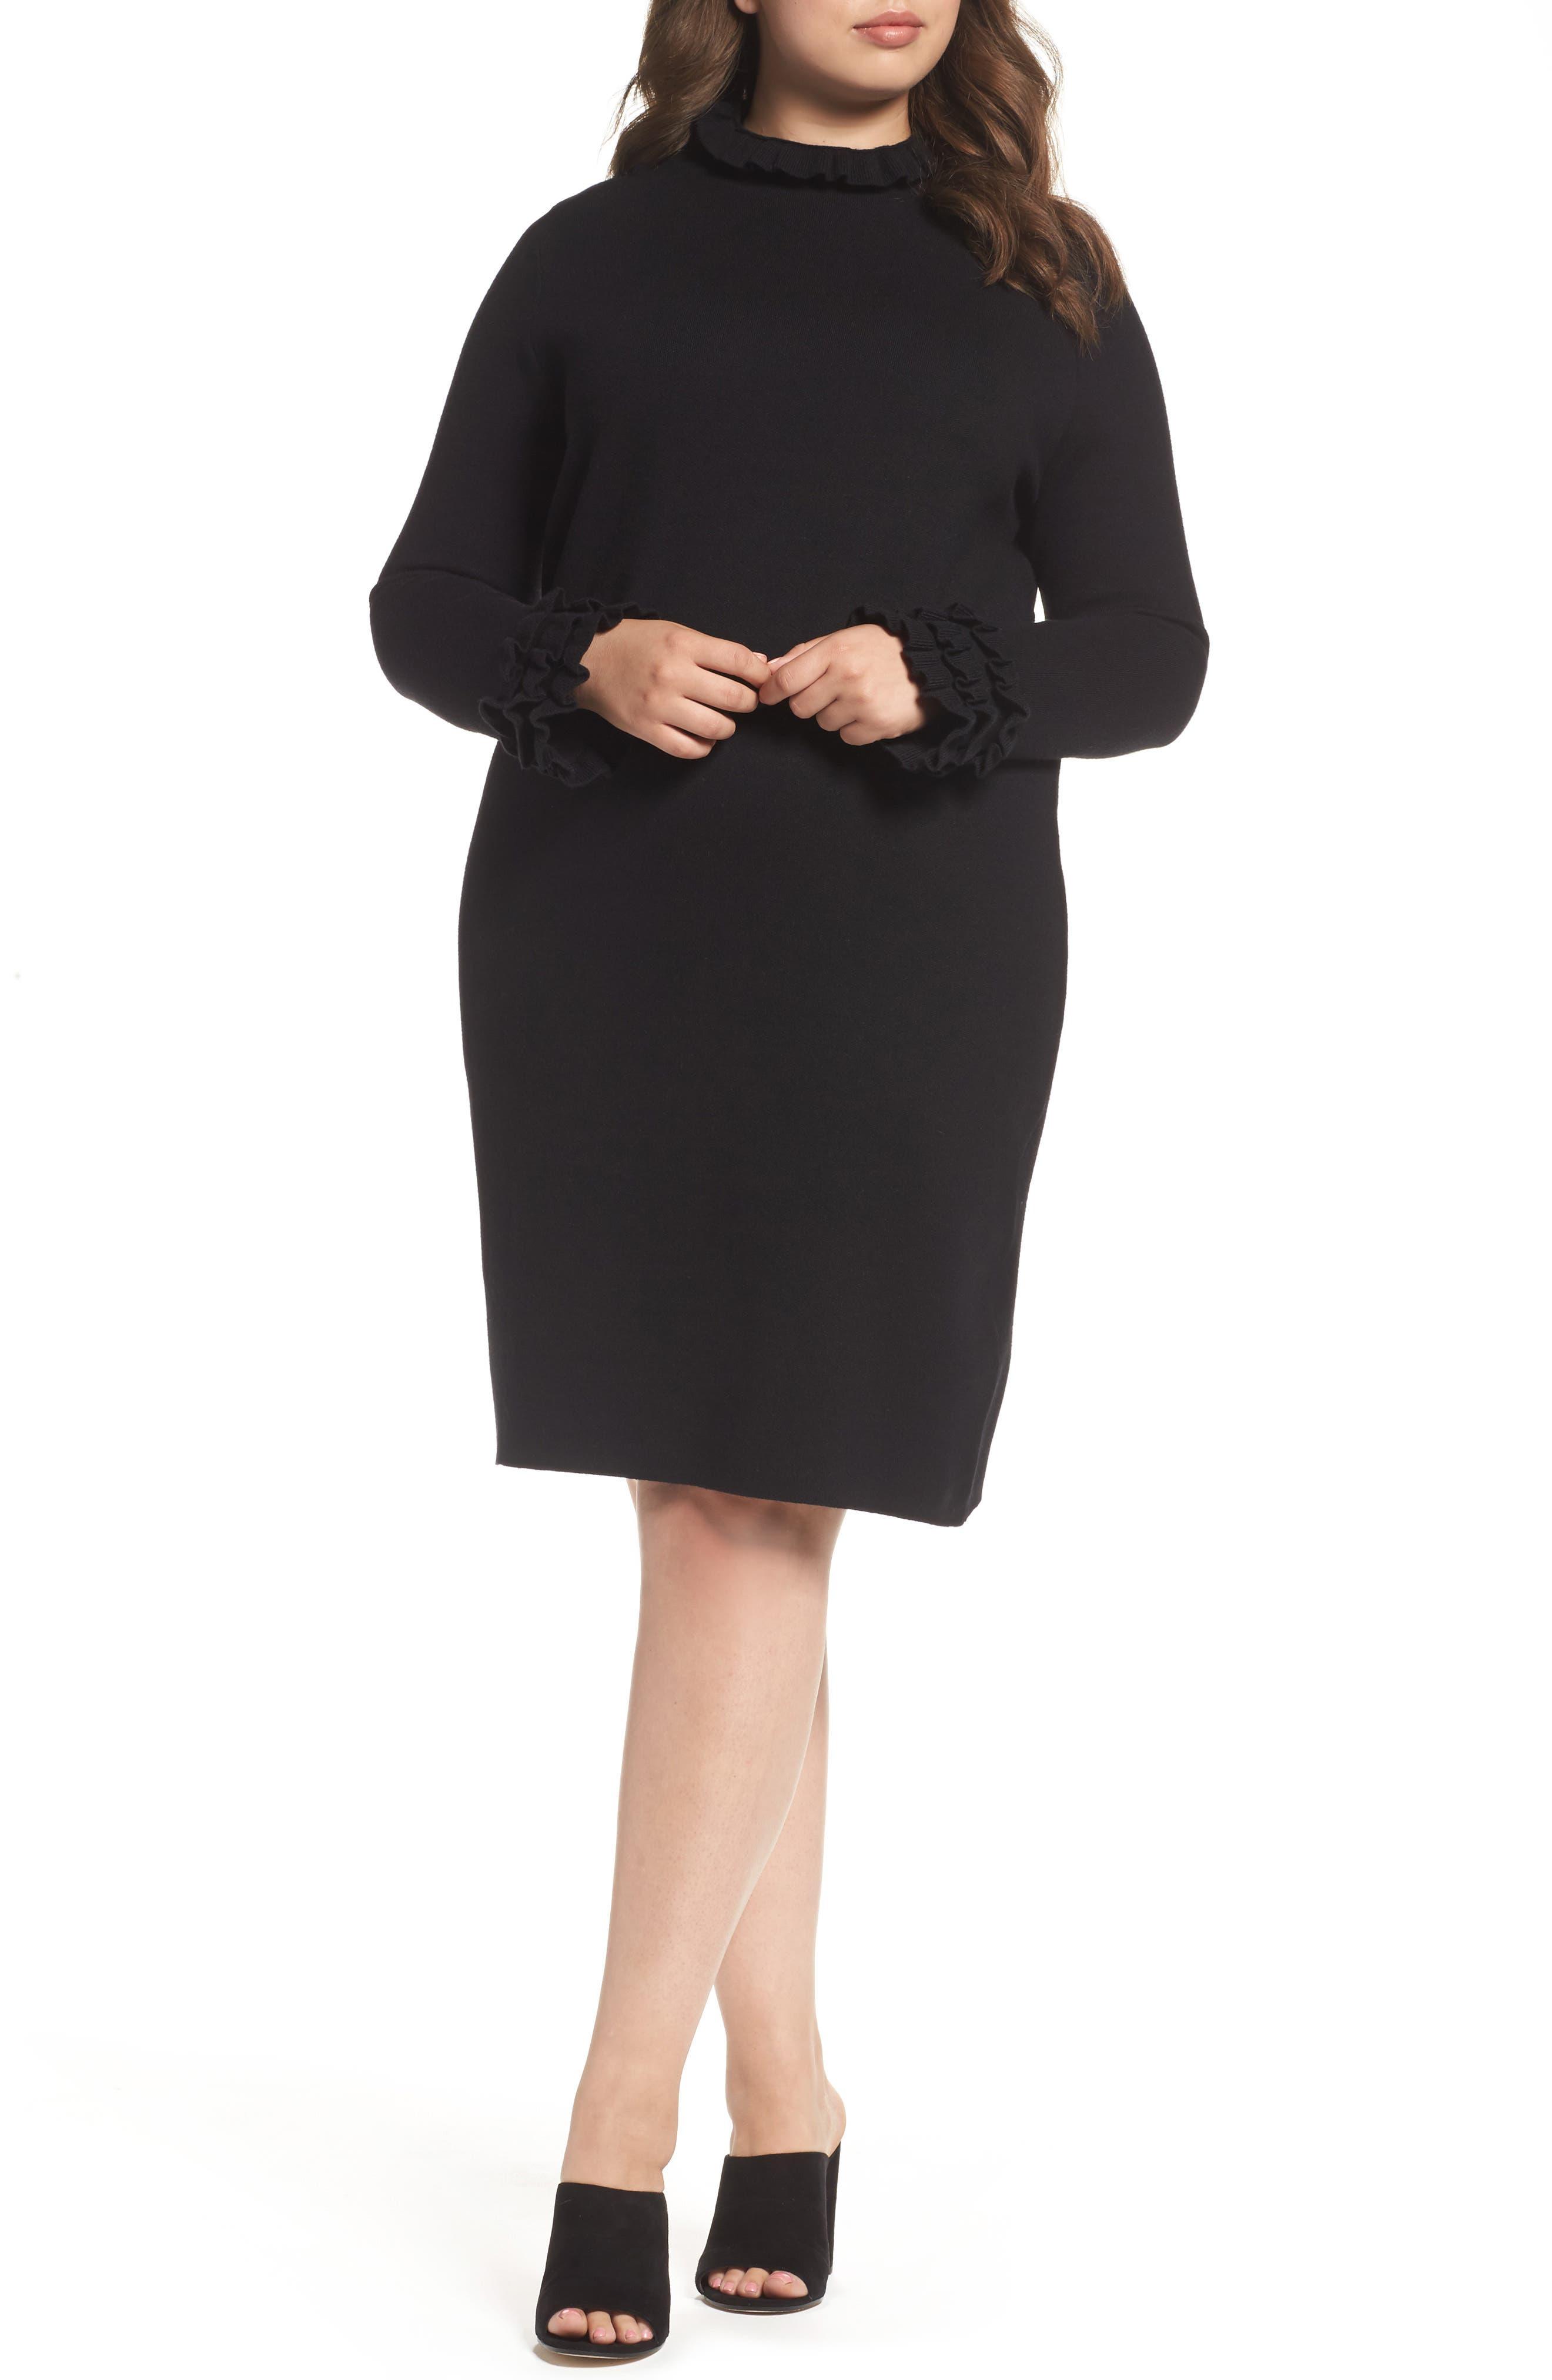 Alternate Image 1 Selected - Glamorous Ruffle Sleeve Sweater Dress (Plus Size)